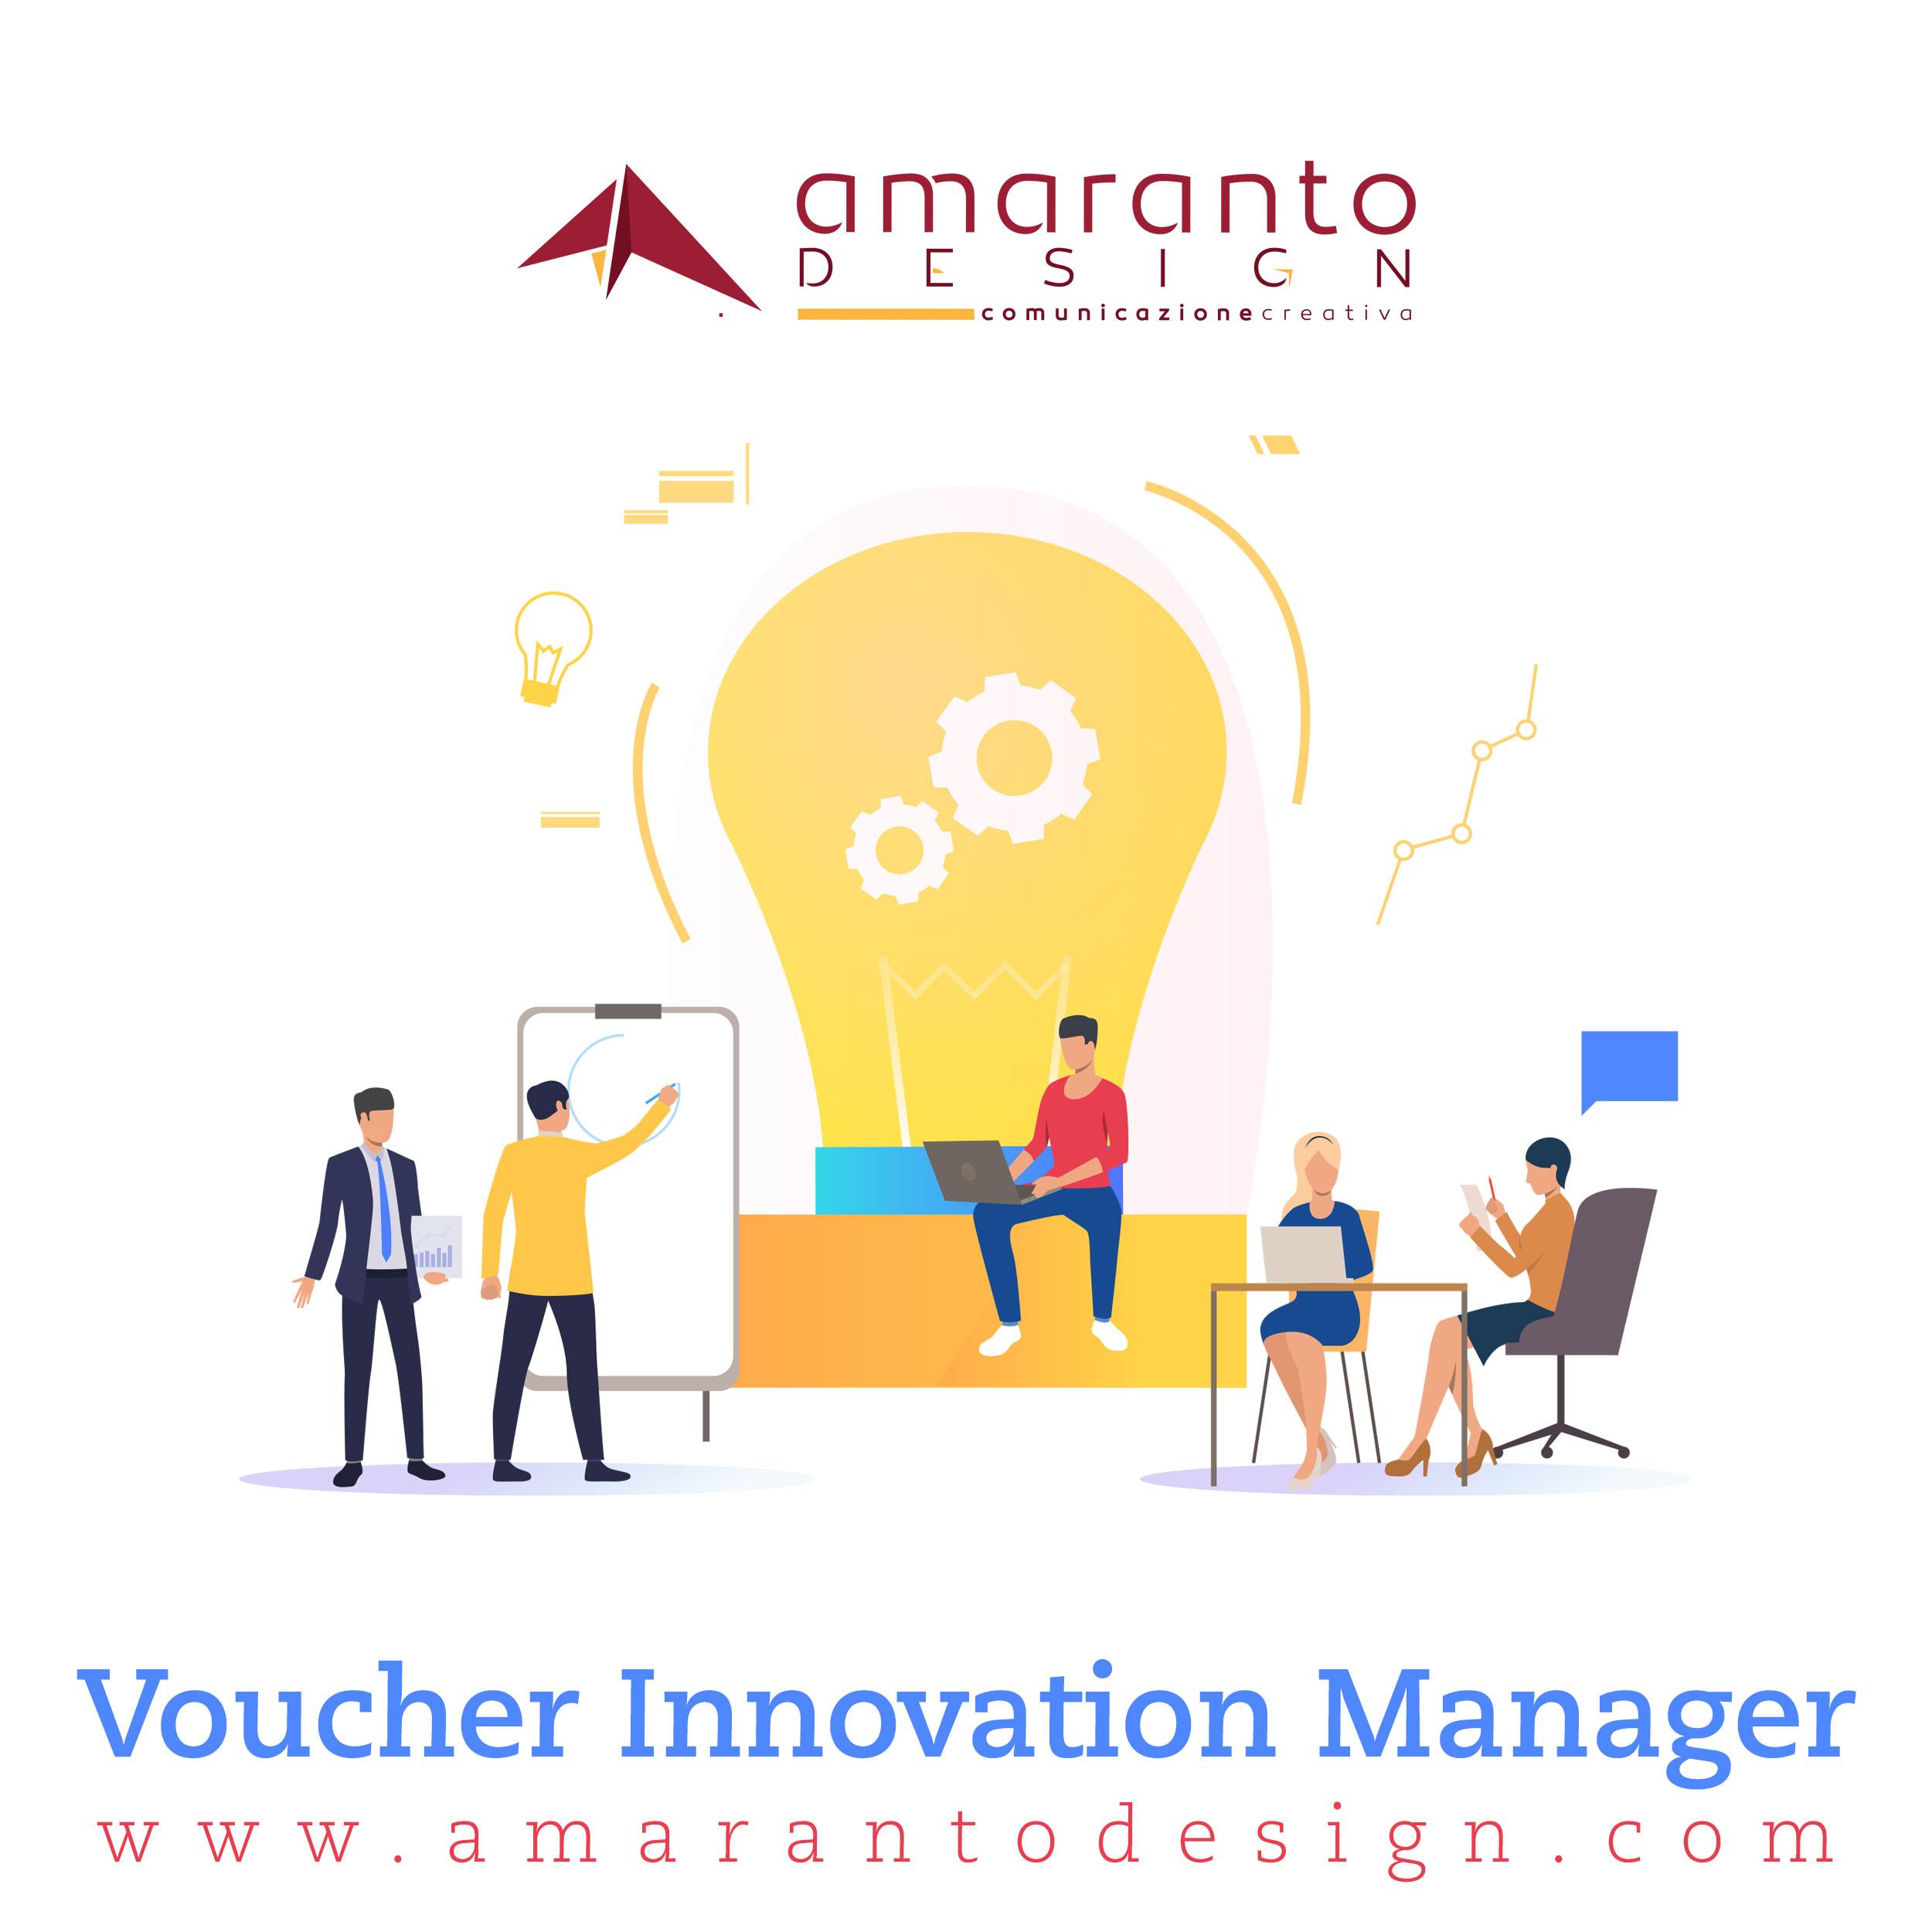 Voucher Innotavion Manager,  sostenere i processi di trasformazione tecnologica e digitale costa meno!